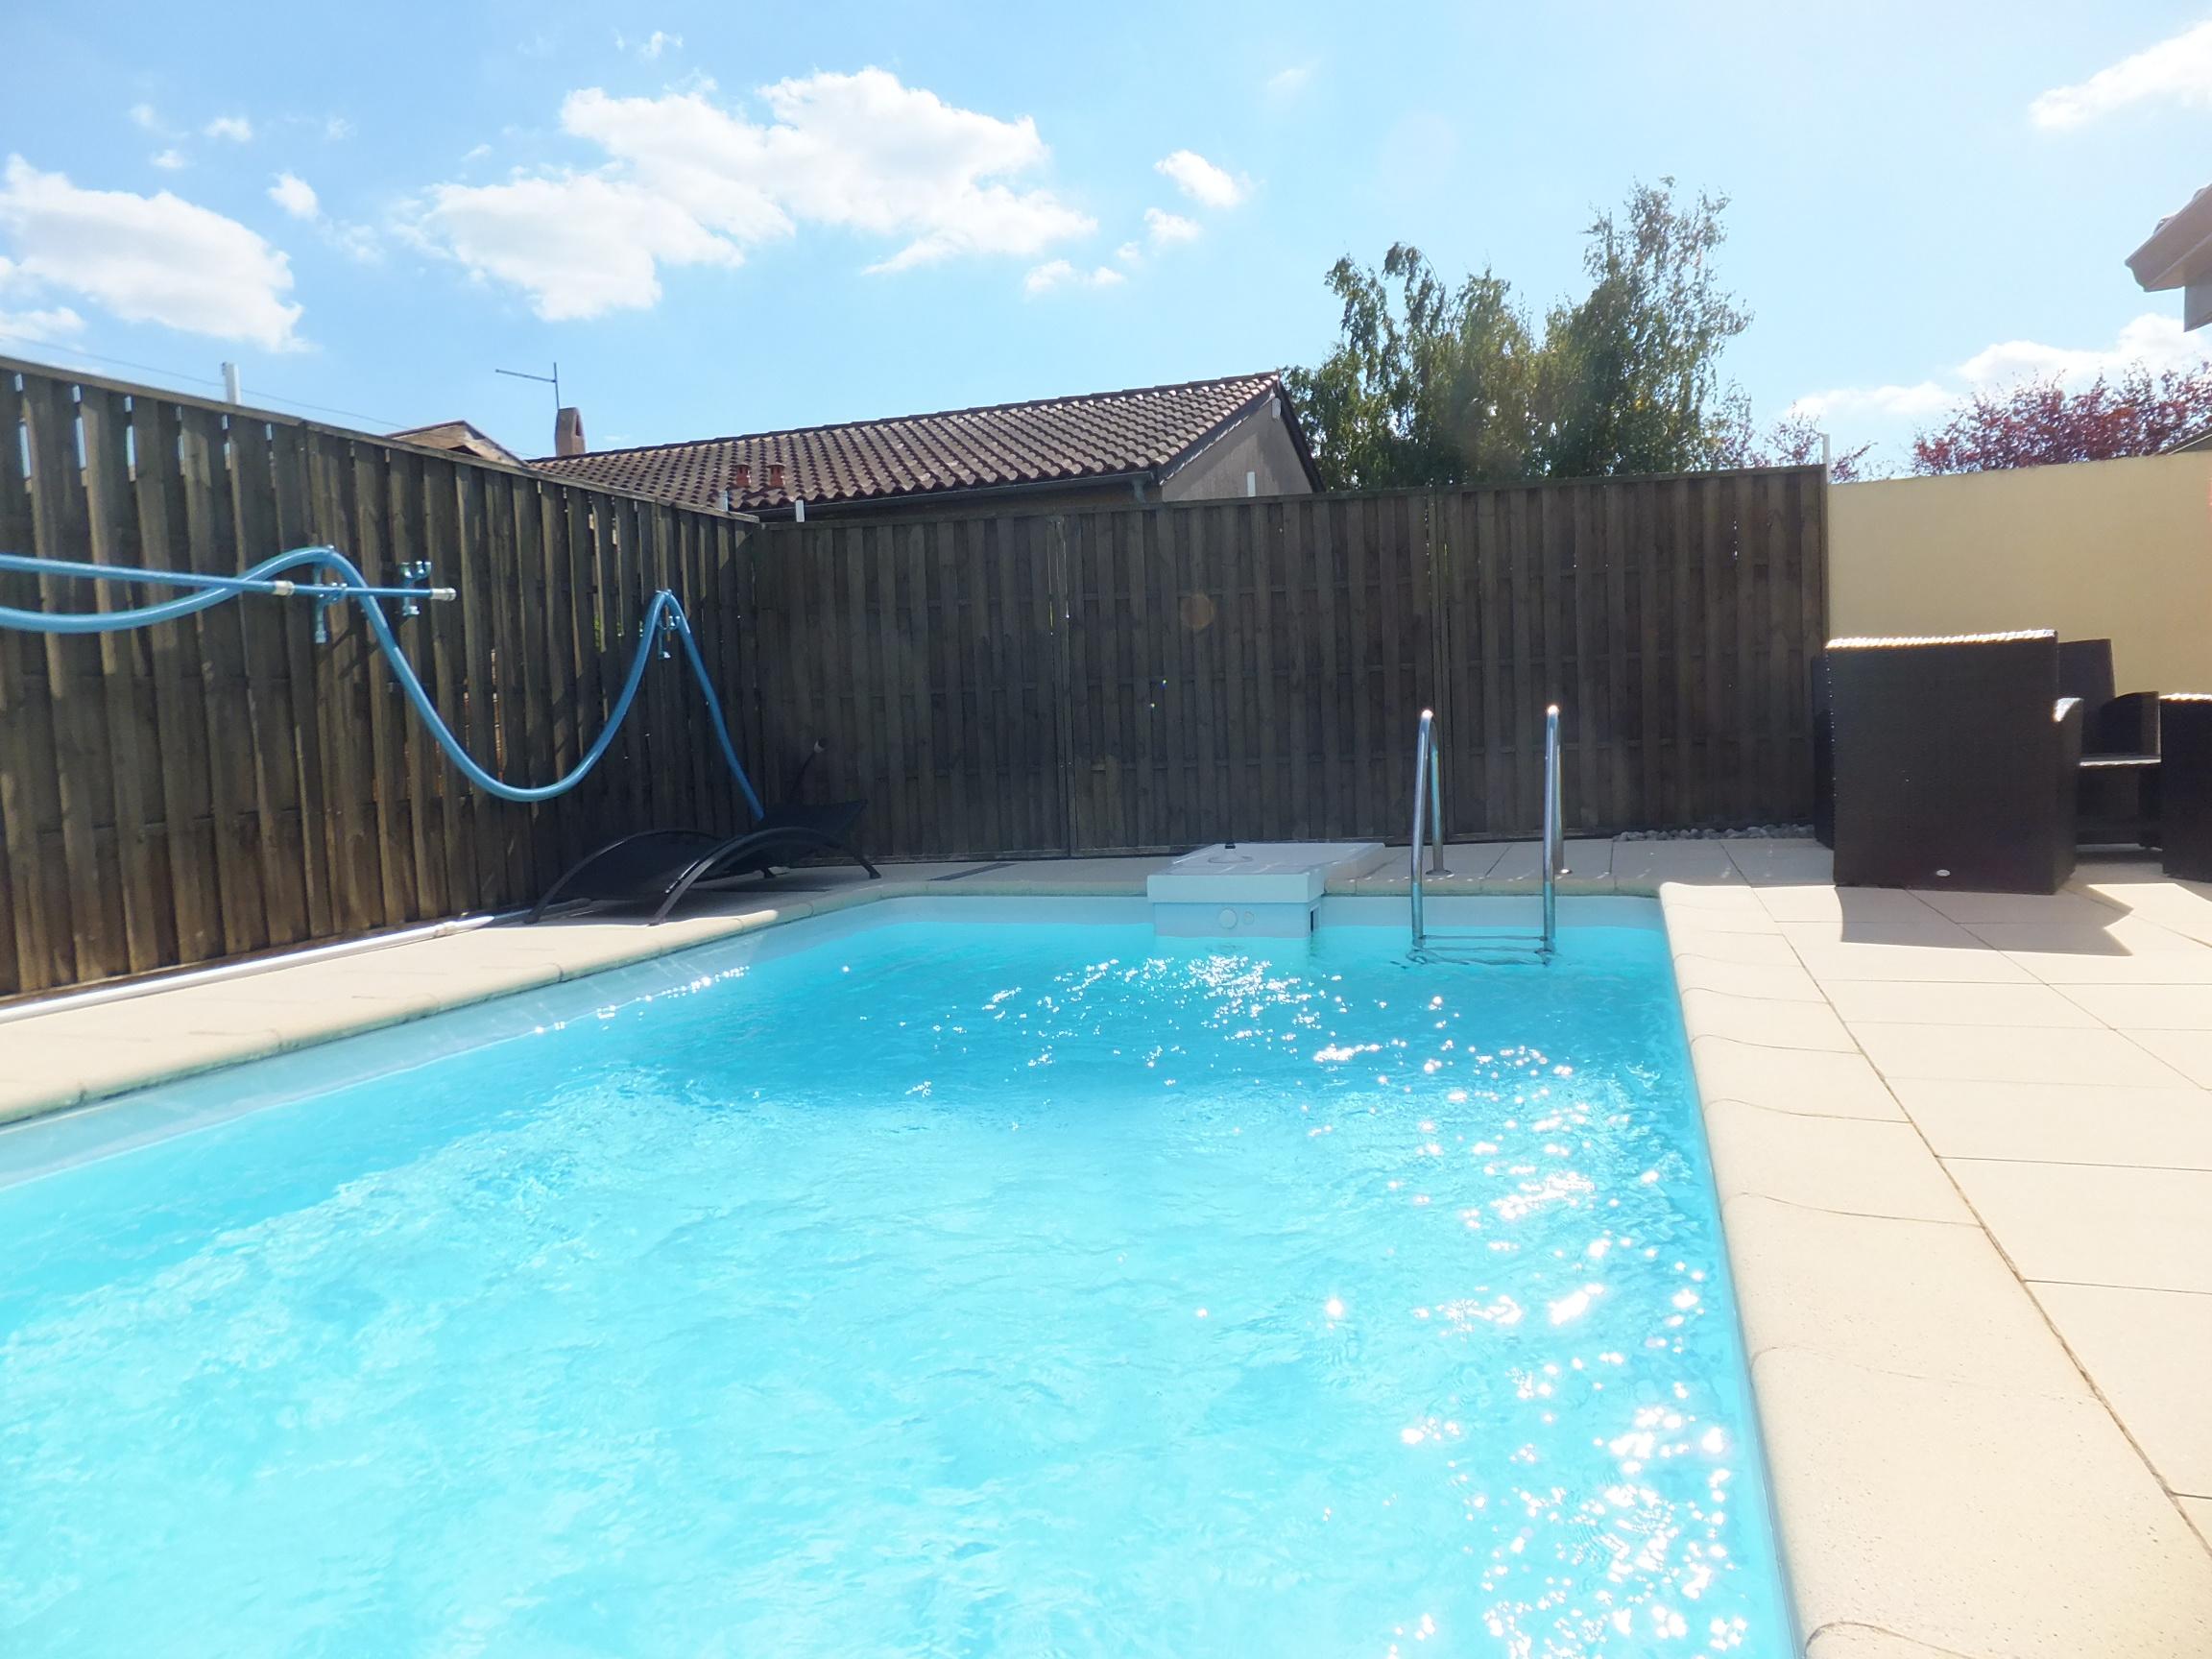 Toulouse chapitre maison t4 de plain pied avec piscine for Piscine nakache toulouse